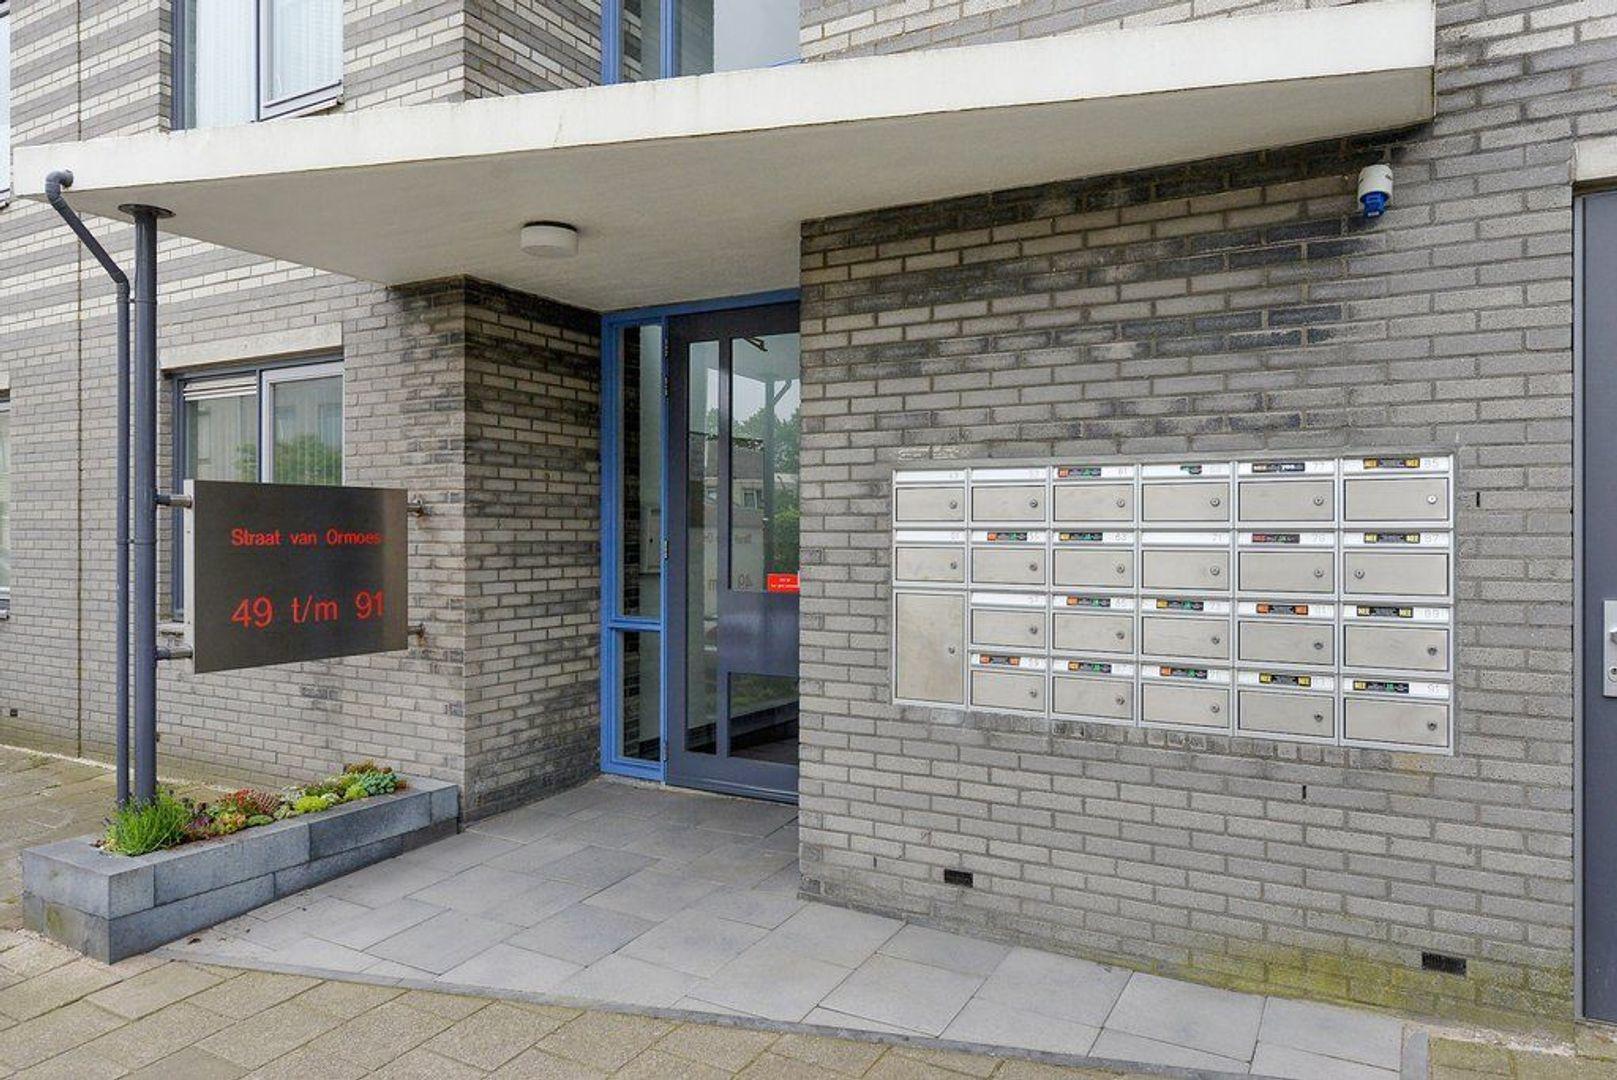 Straat van Ormoes 89, Delft foto-1